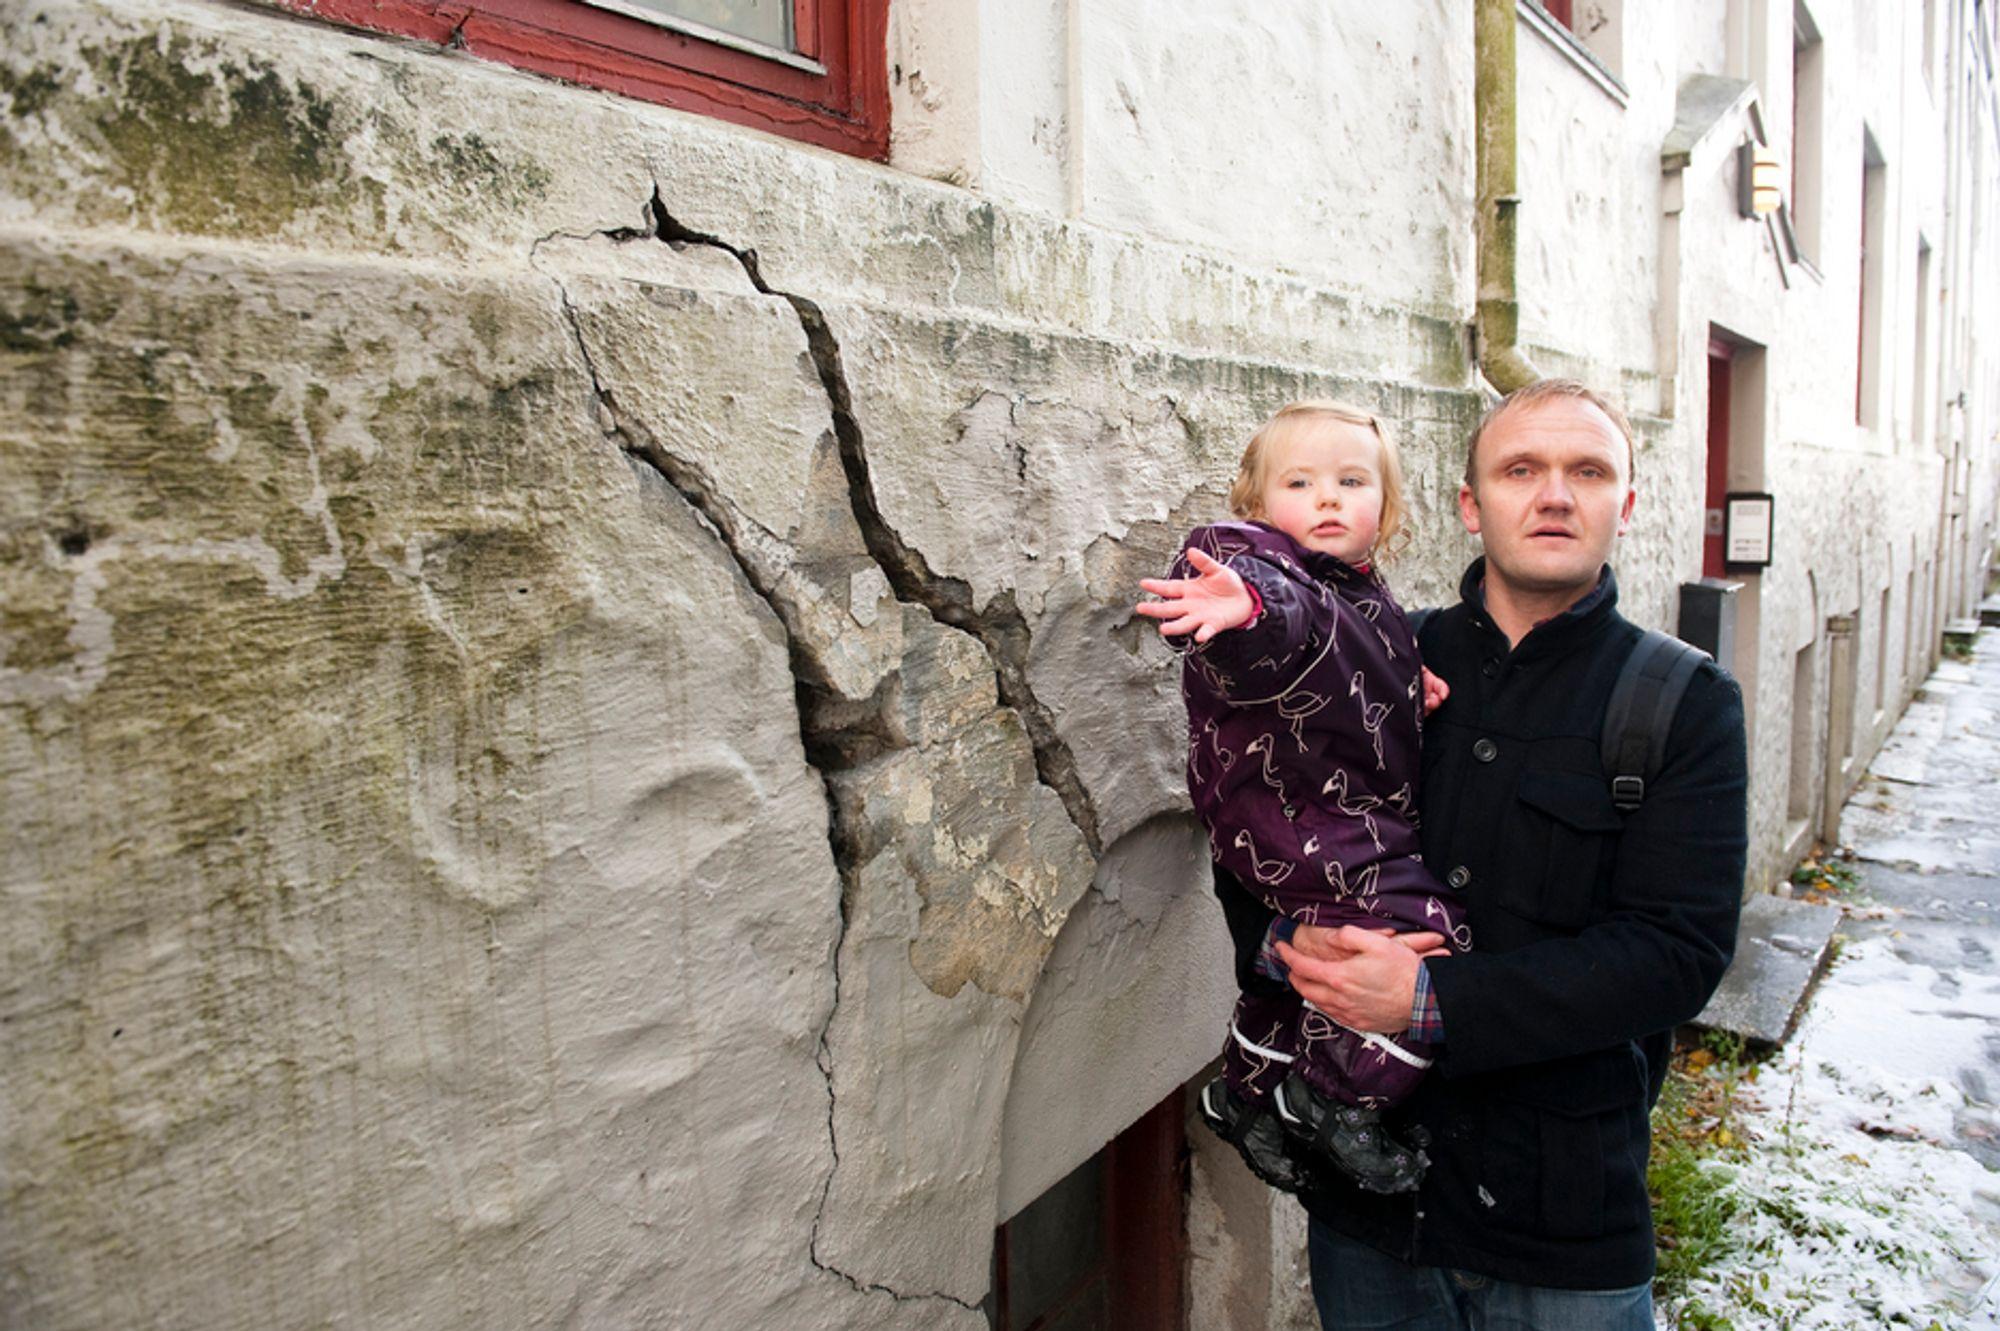 UTYGT: Heine Askeland og datteren Mia viser noen av sprekkene i muren i gården i Ladegårdsgaten i Bergen. Nærmere halvparten av beboerne er evakuert fordi bygården har fått store setningsskader og kan være farlig å bo i.